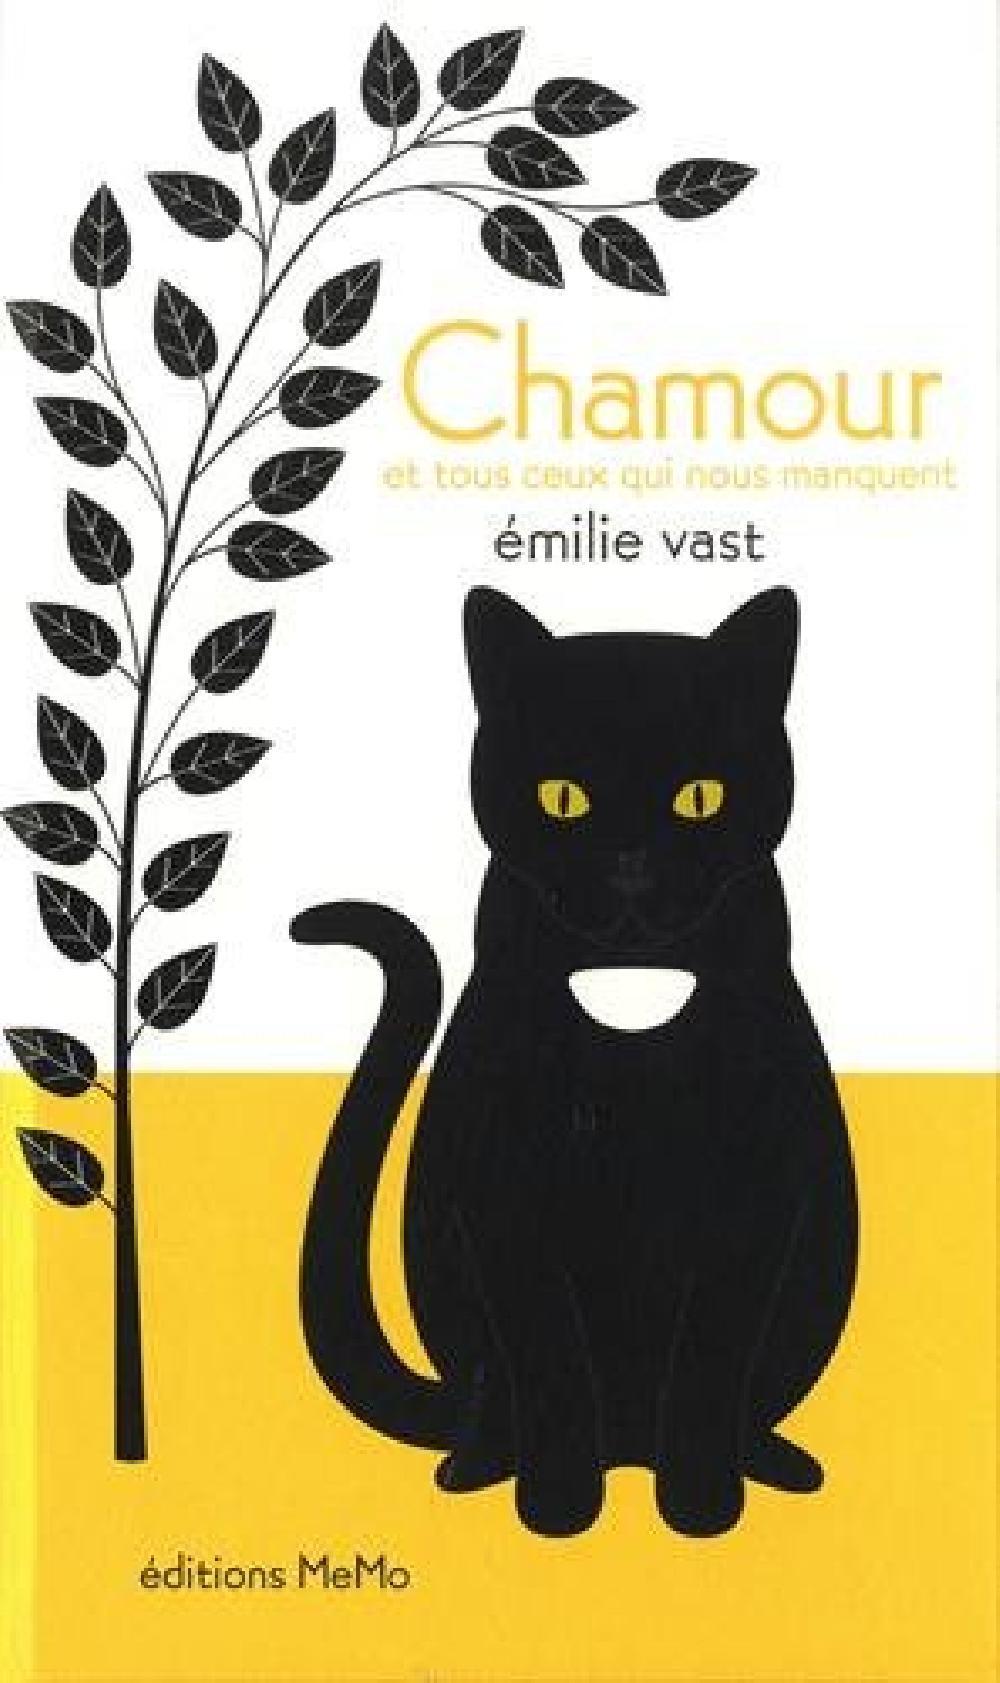 Chamour - Et tous ceux qui nous manquent